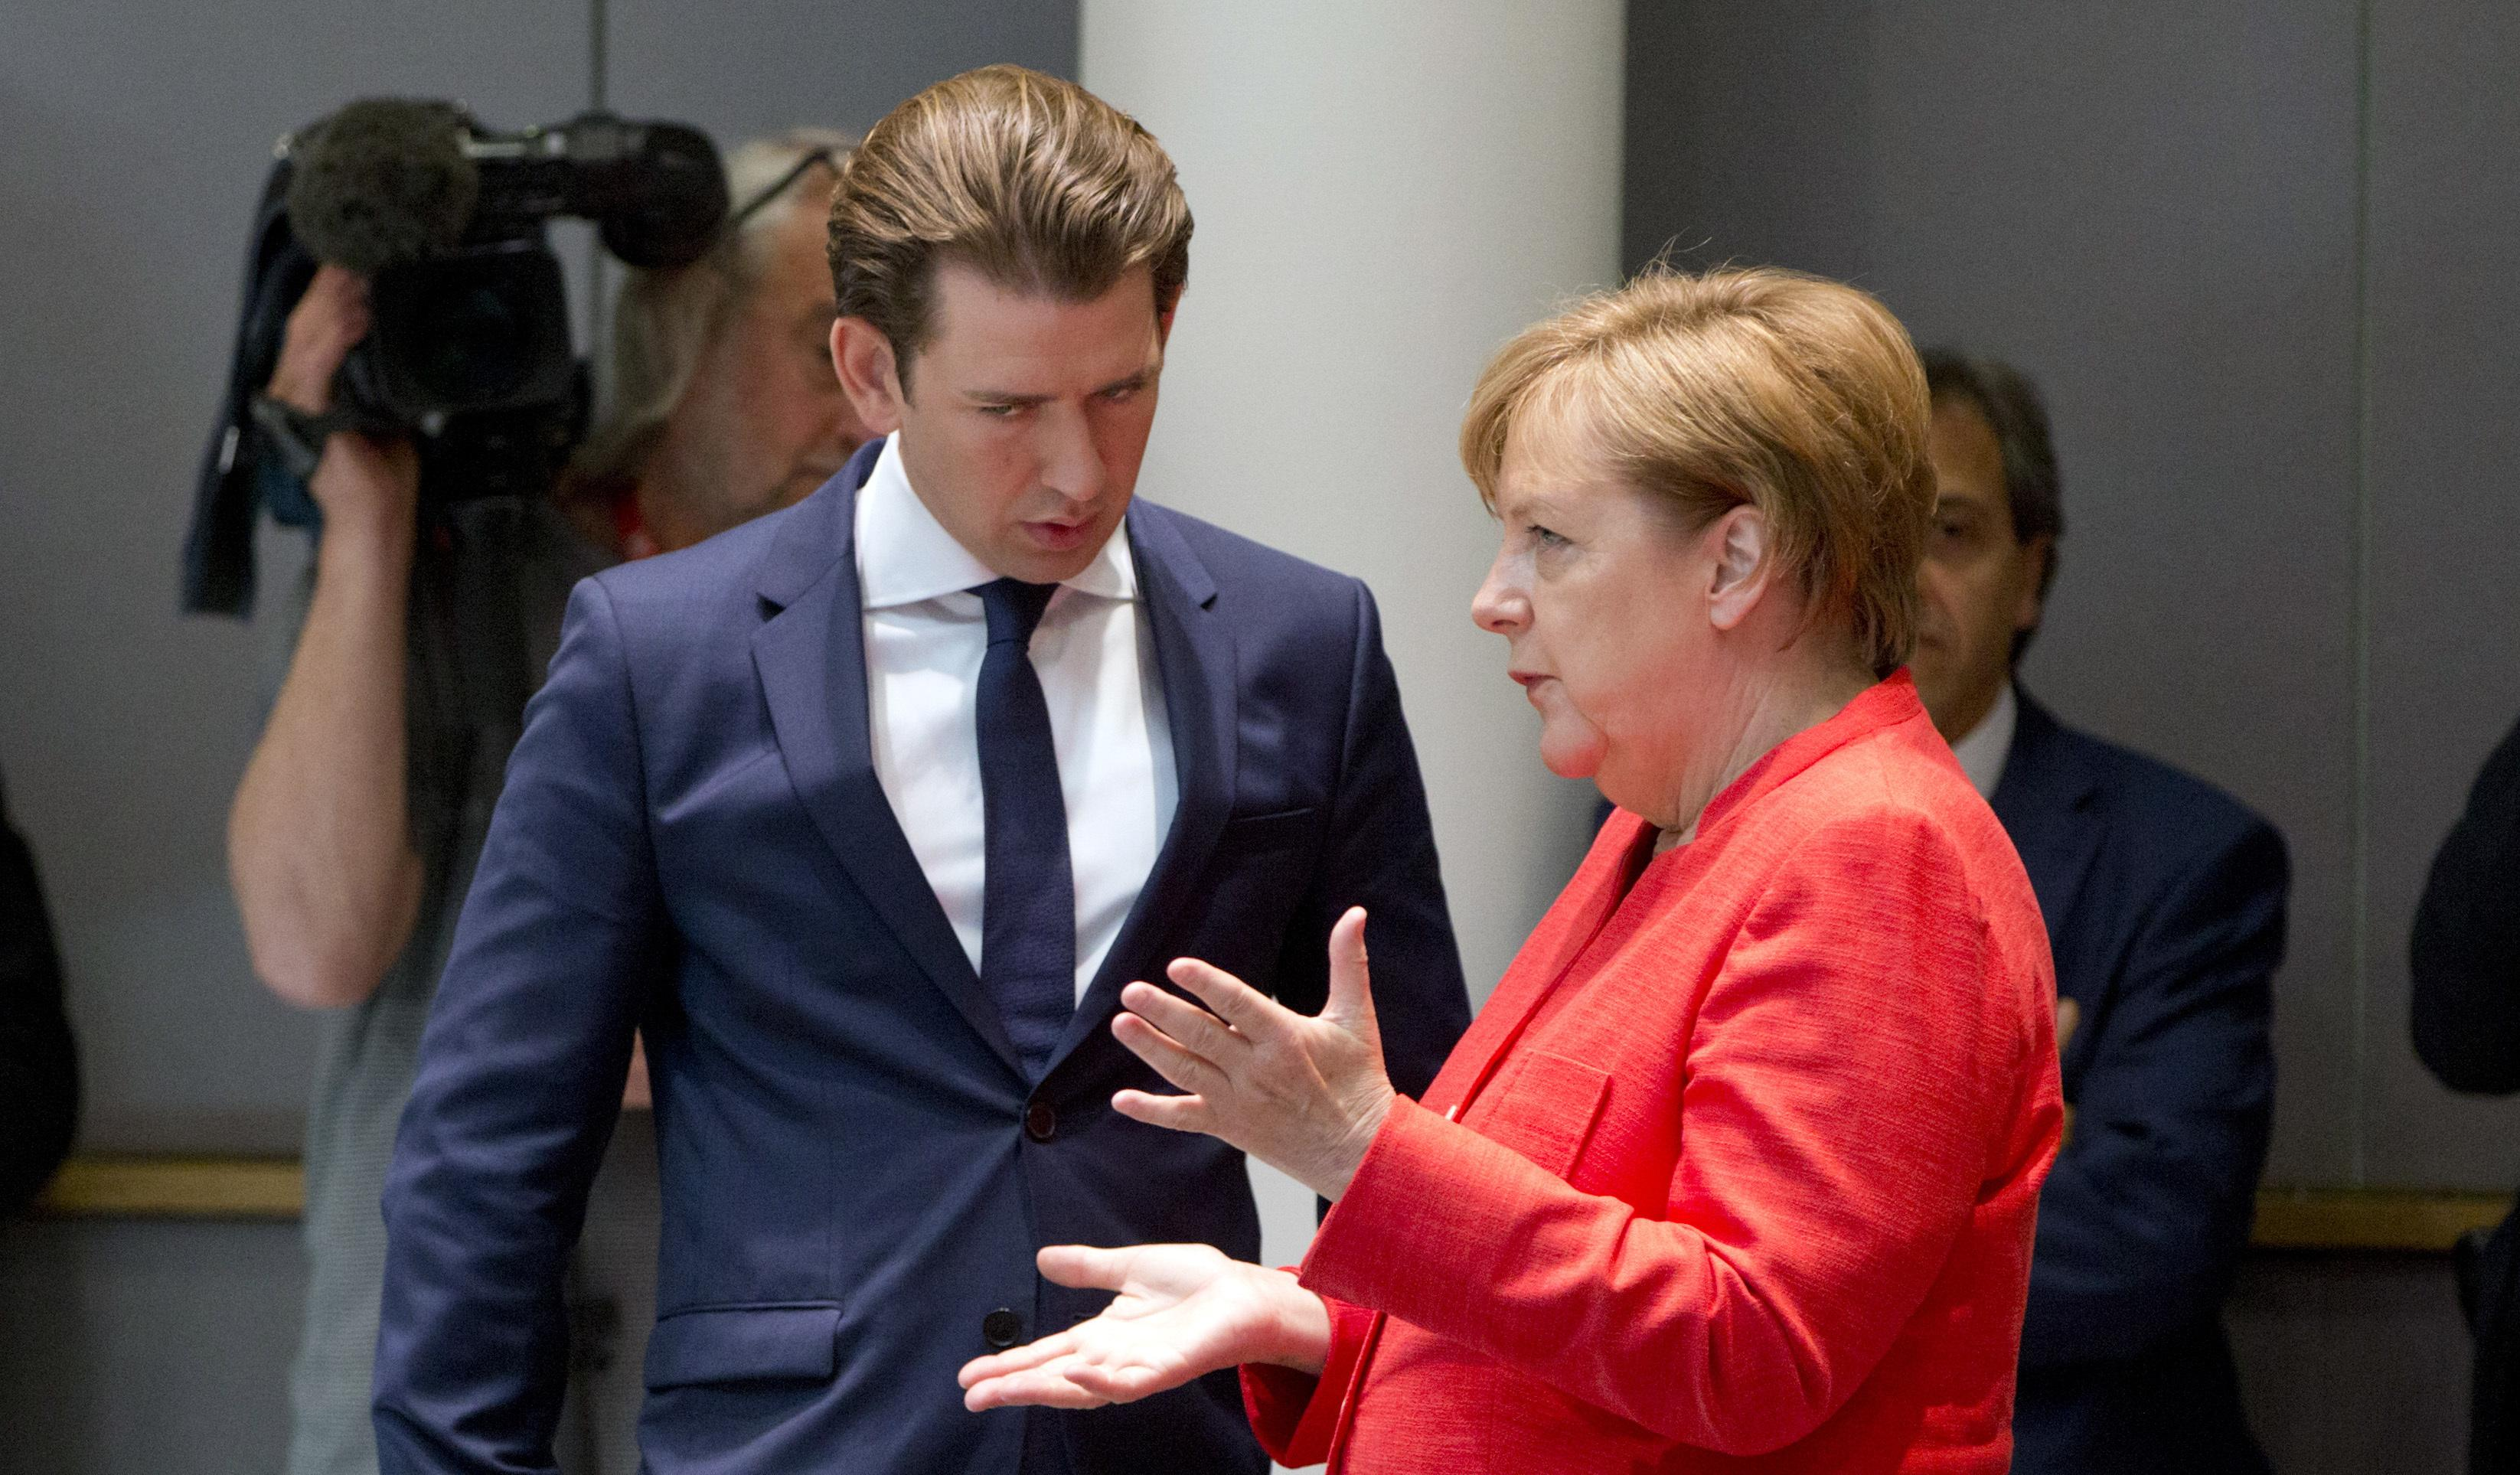 С Австрией Германия и без специальных соглашений договорилась высылать лиц, решение о статусе которых приняли австрийские власти (канцлеры Австрии и Германии Себастьян Курц и Ангела Меркель)